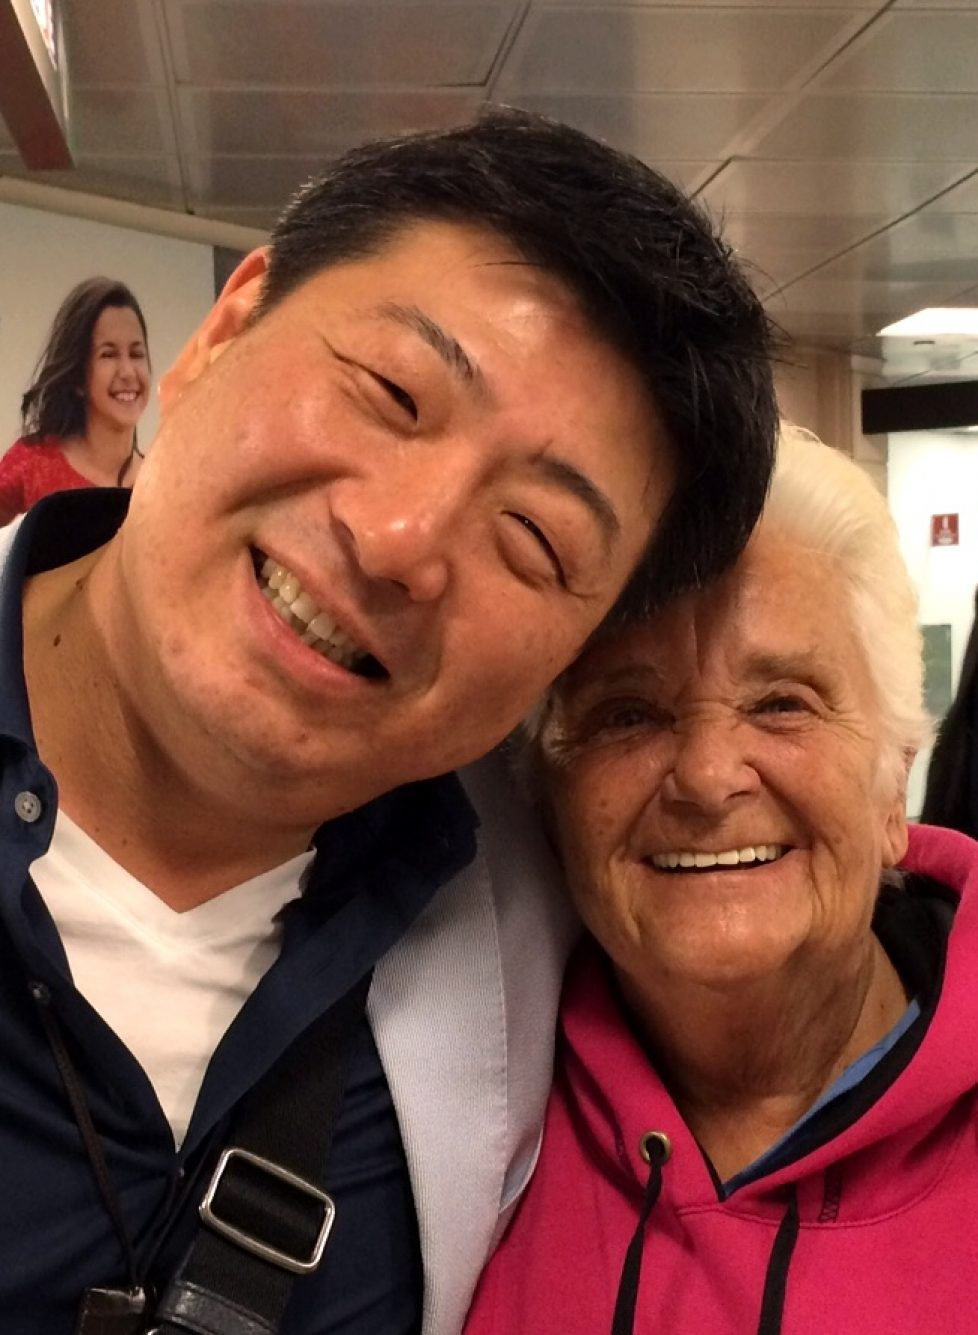 Ma and Jack